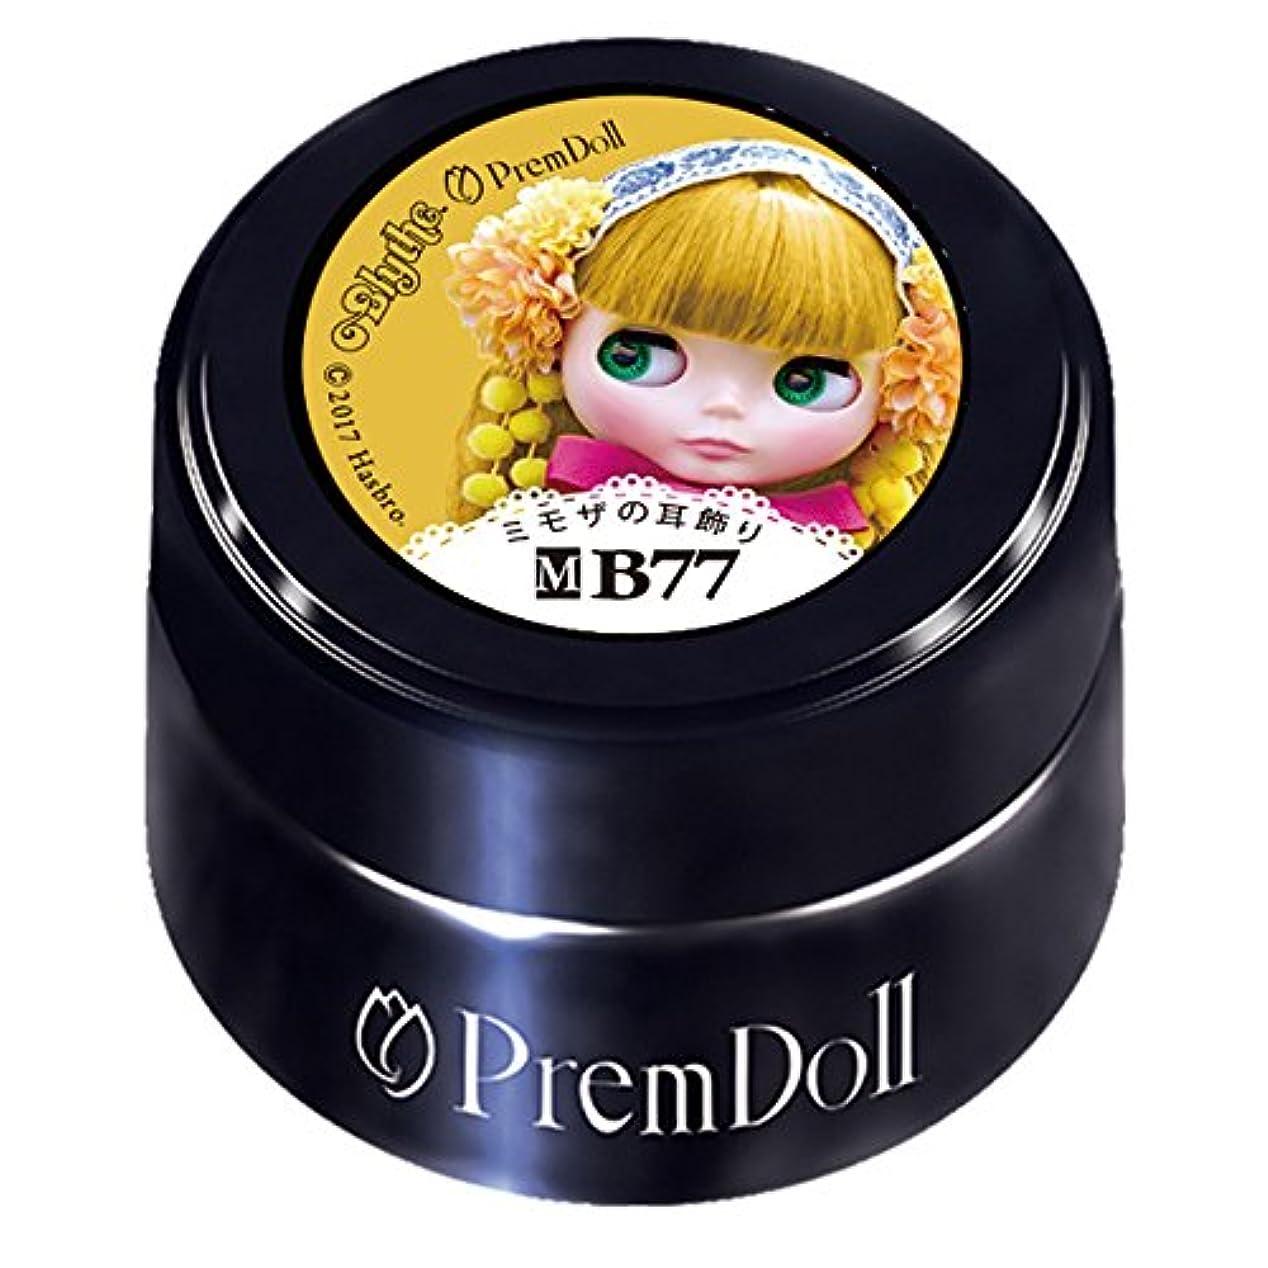 ねじれテセウスバレルPRE GEL プリムドール ミモザの首飾り DOLL-B77 3g UV/LED対応 カラージェル